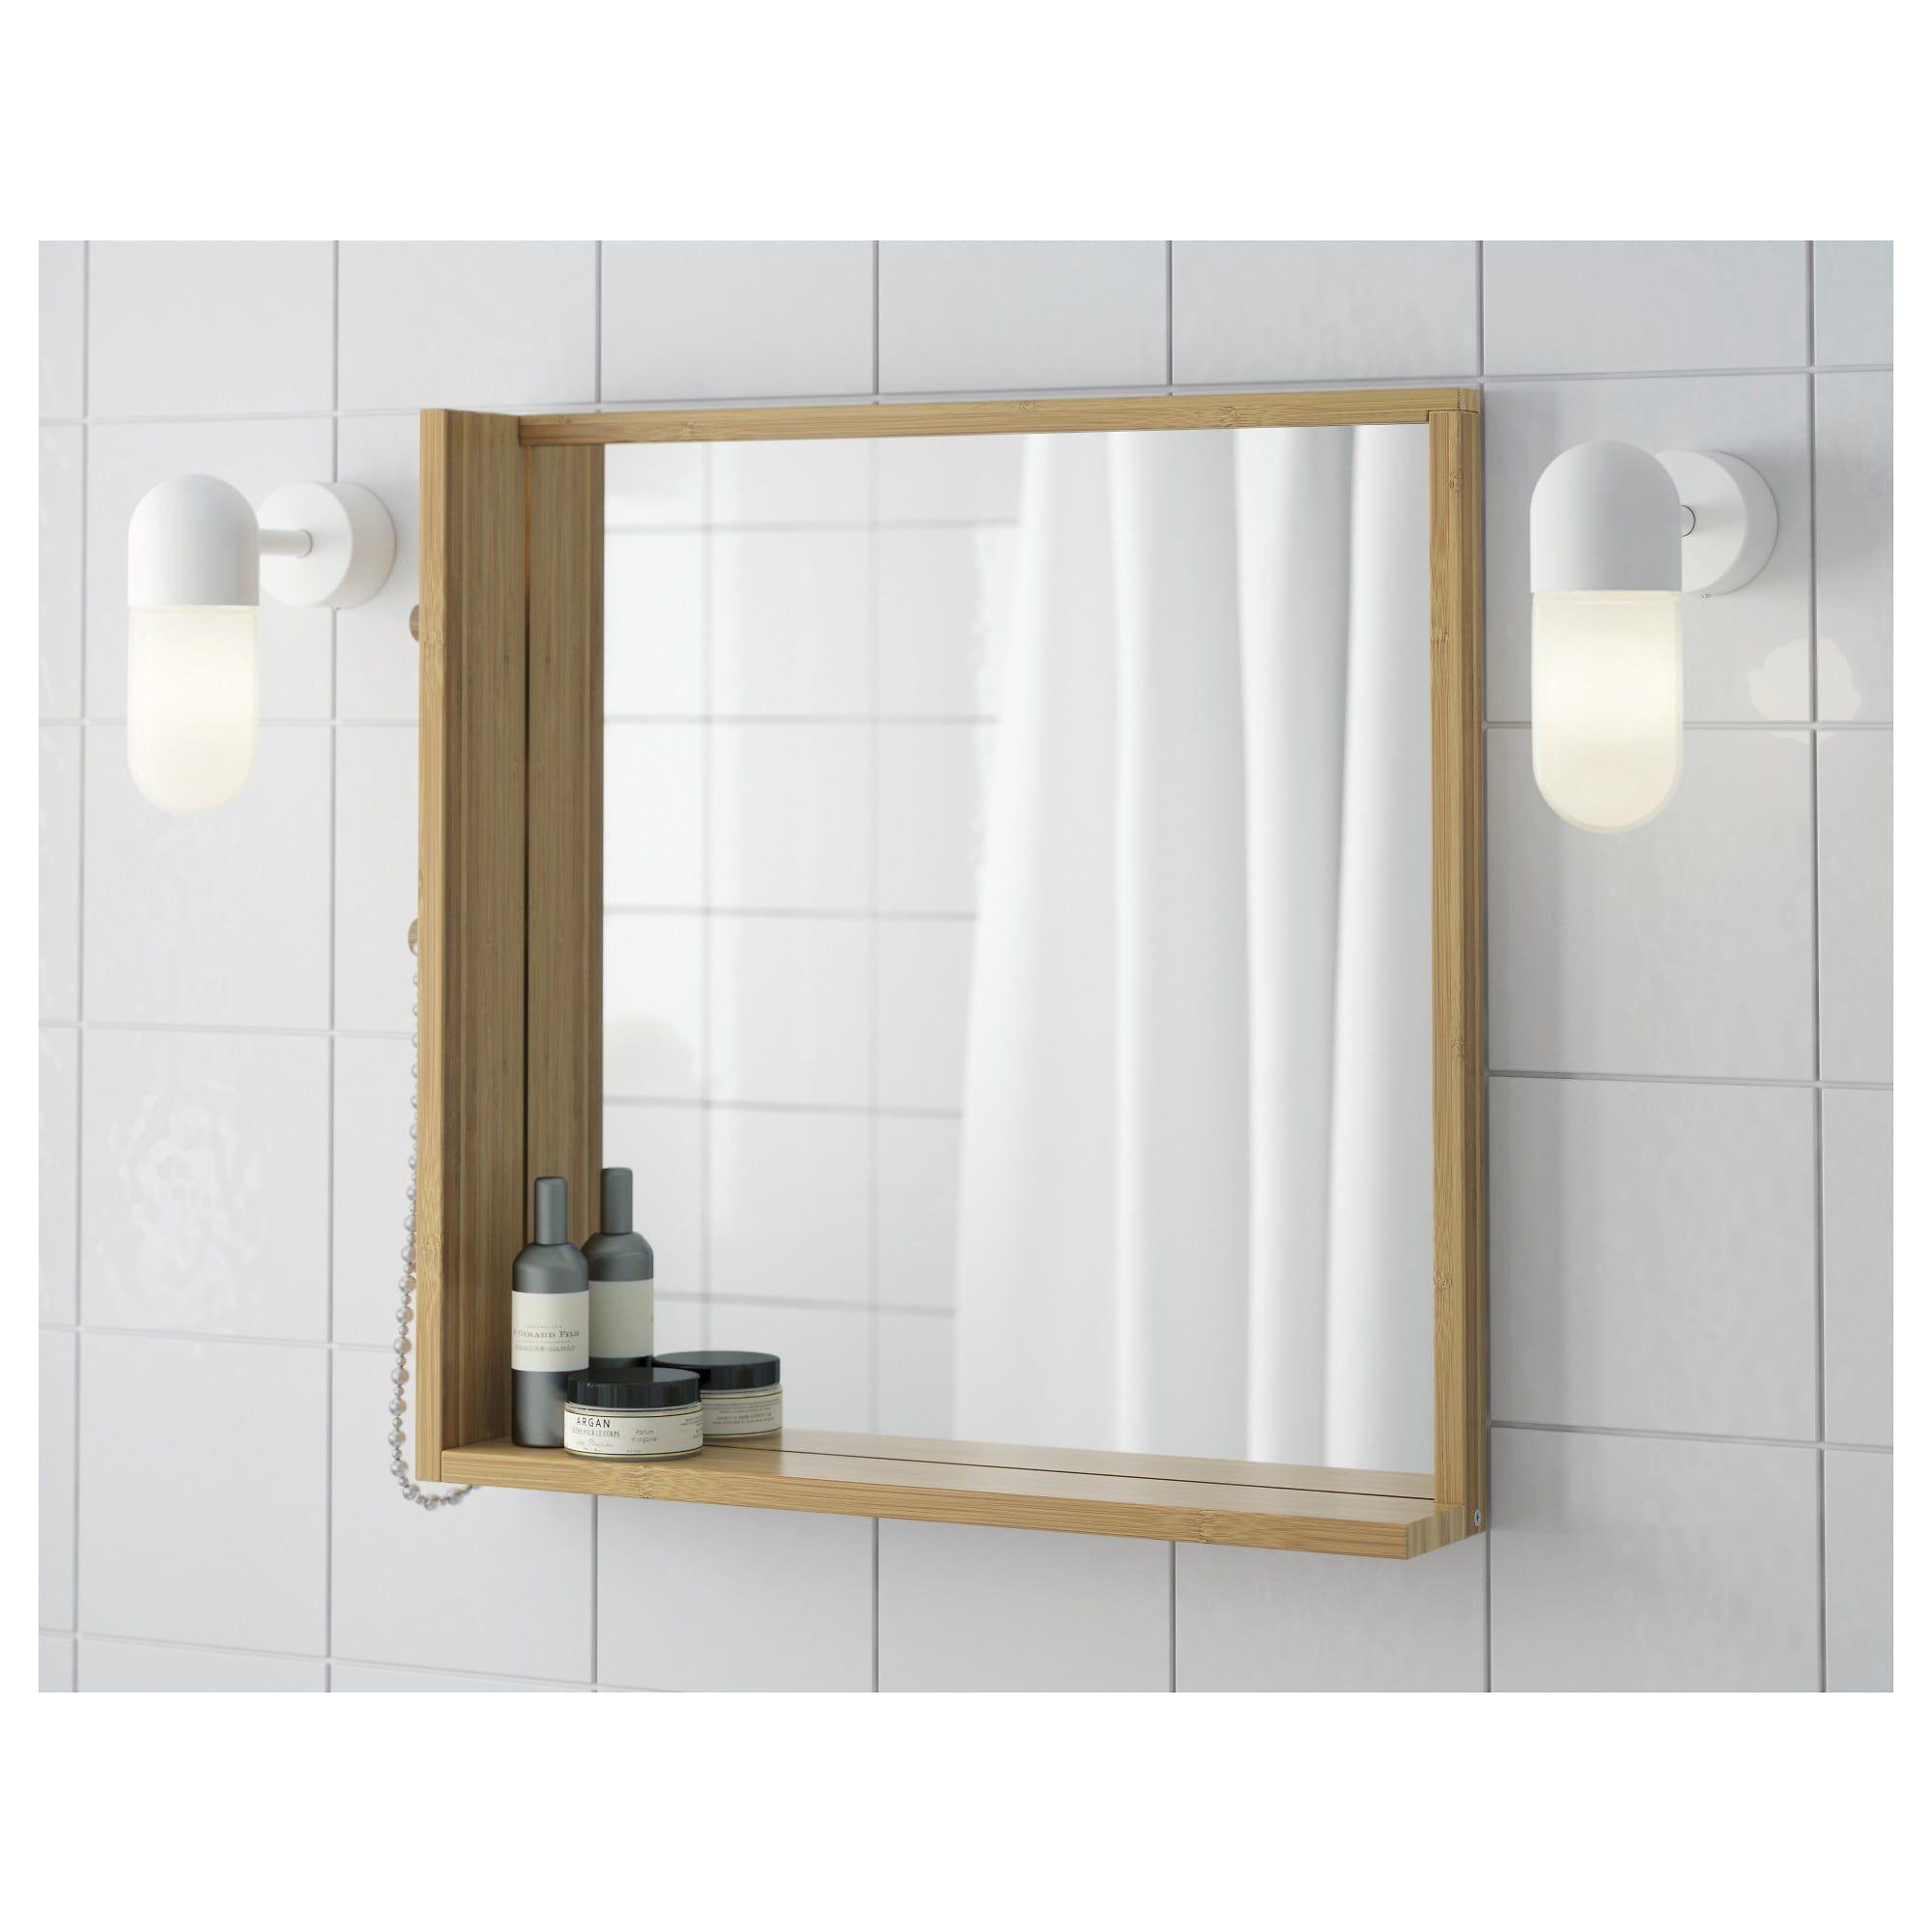 Ragrund Spiegel Bambus Ikea Osterreich Spiegel Ikea Badezimmer Aufbewahrung Badezimmerspiegel